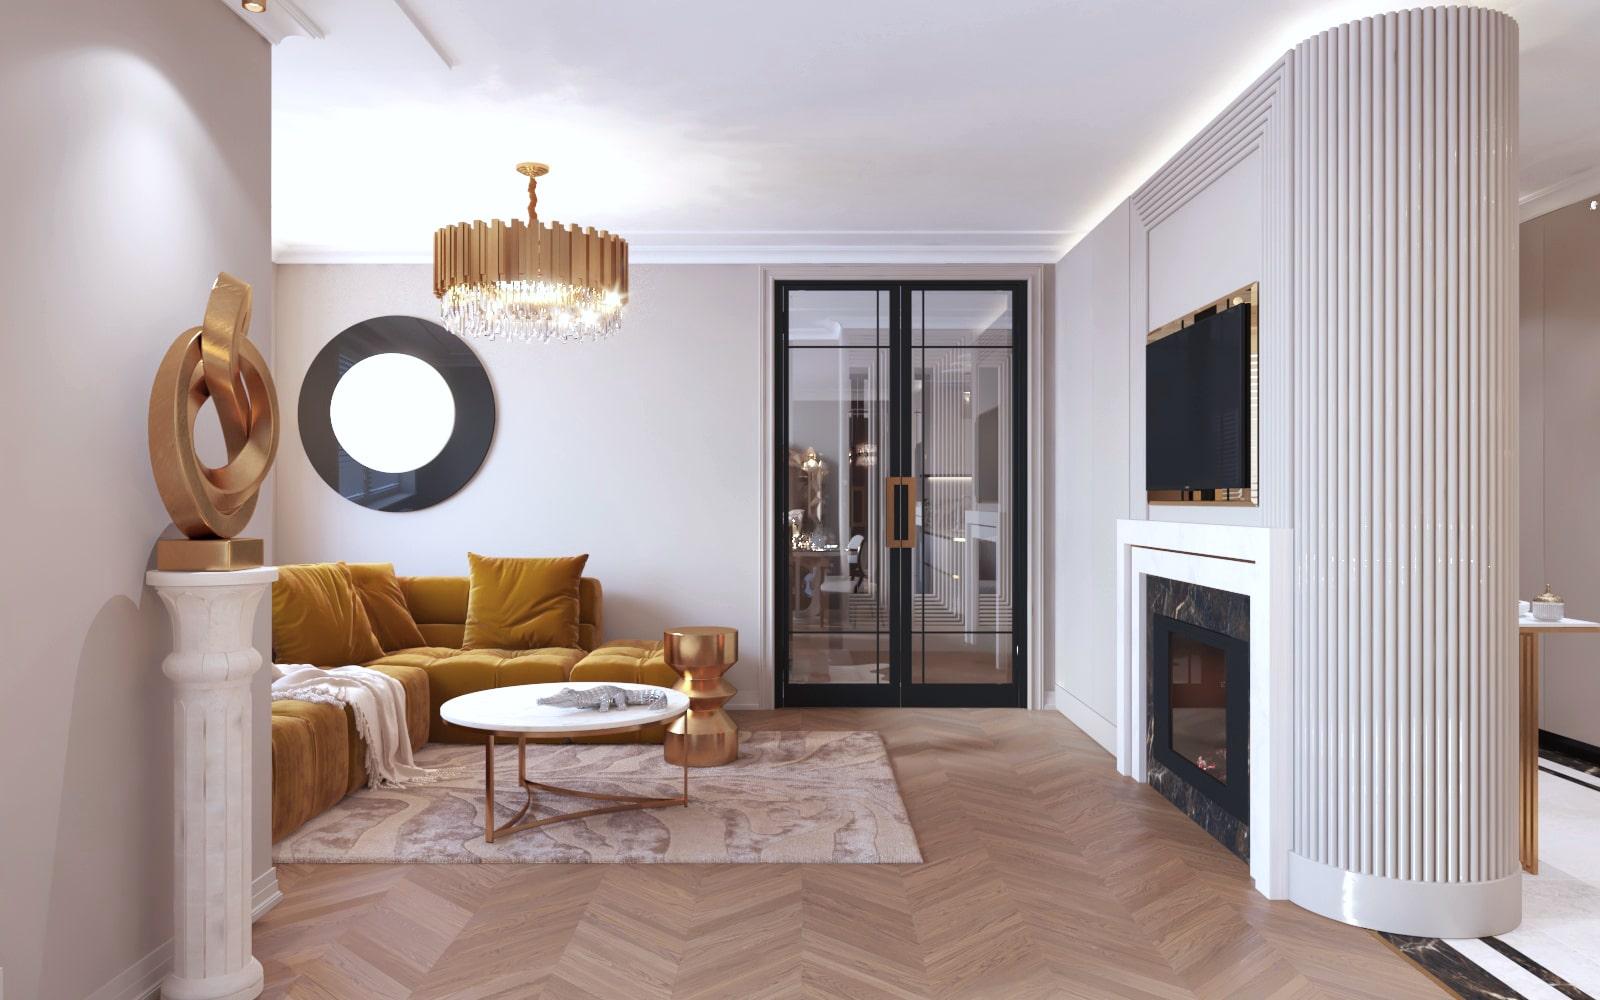 Minimalistyczny i nowoczesny salon zaprojektowanych przez projektantów z Krakowa.